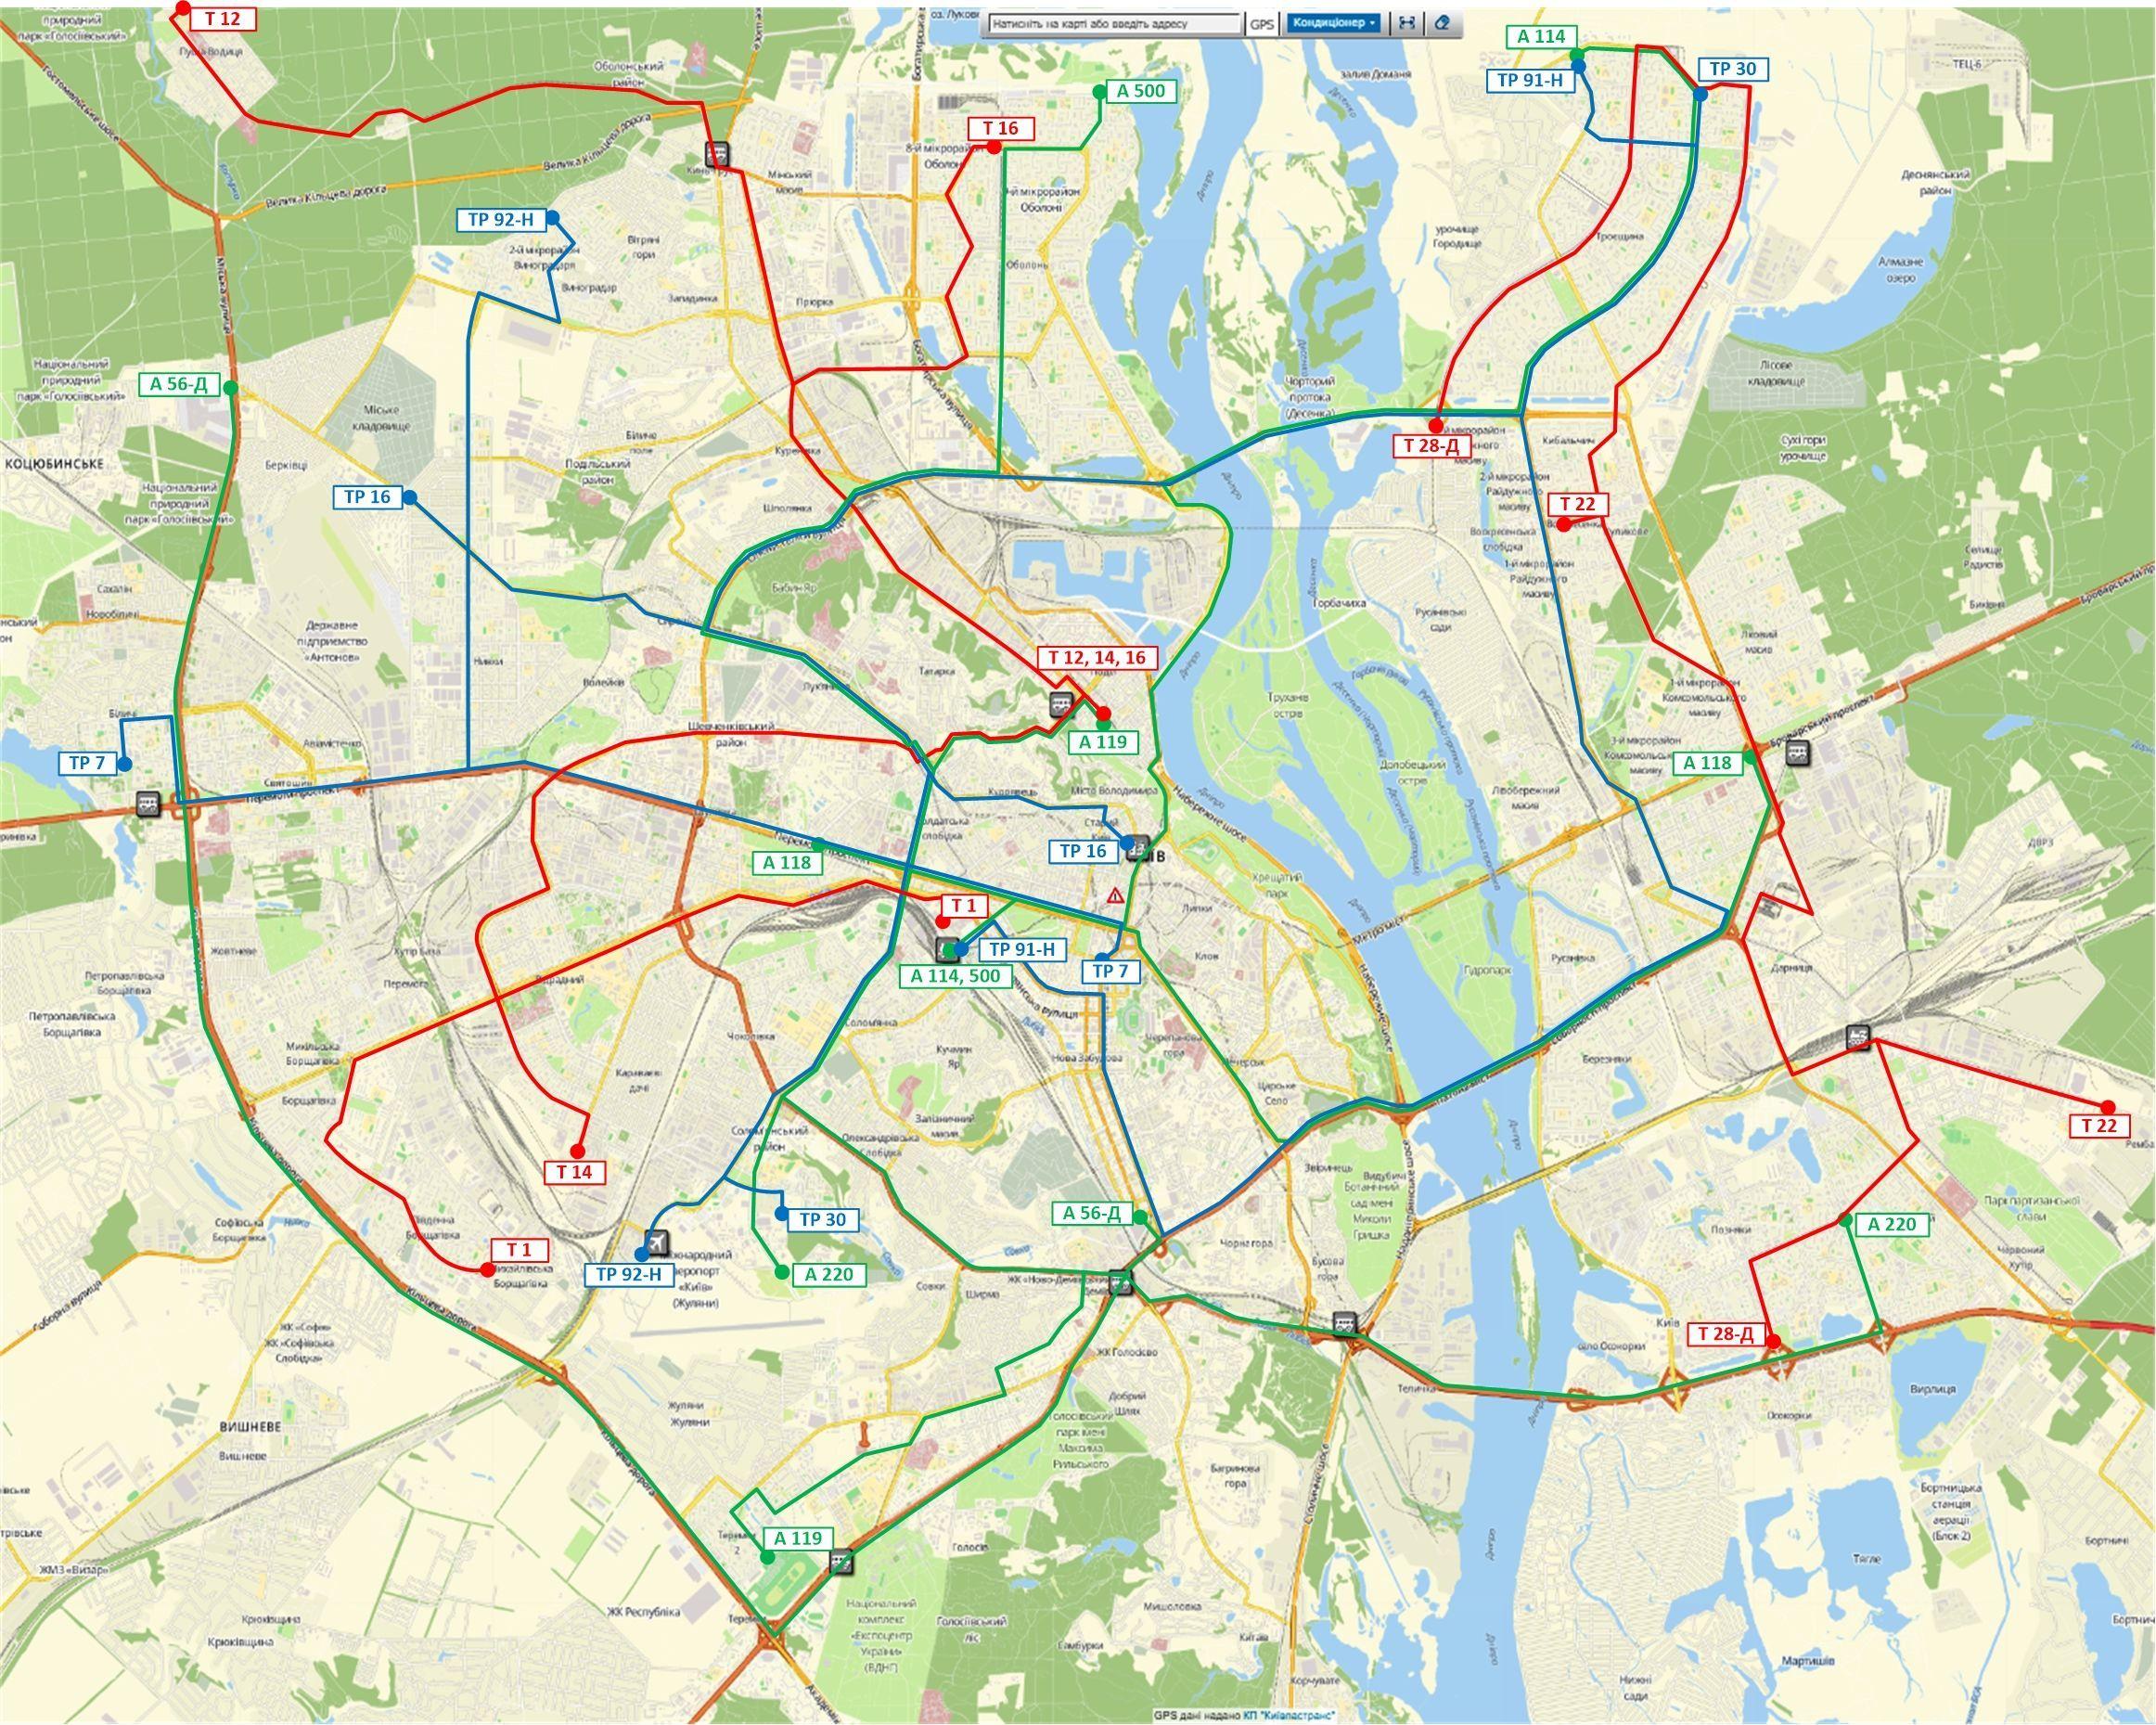 схема руху транспорту в Києві під час карантину